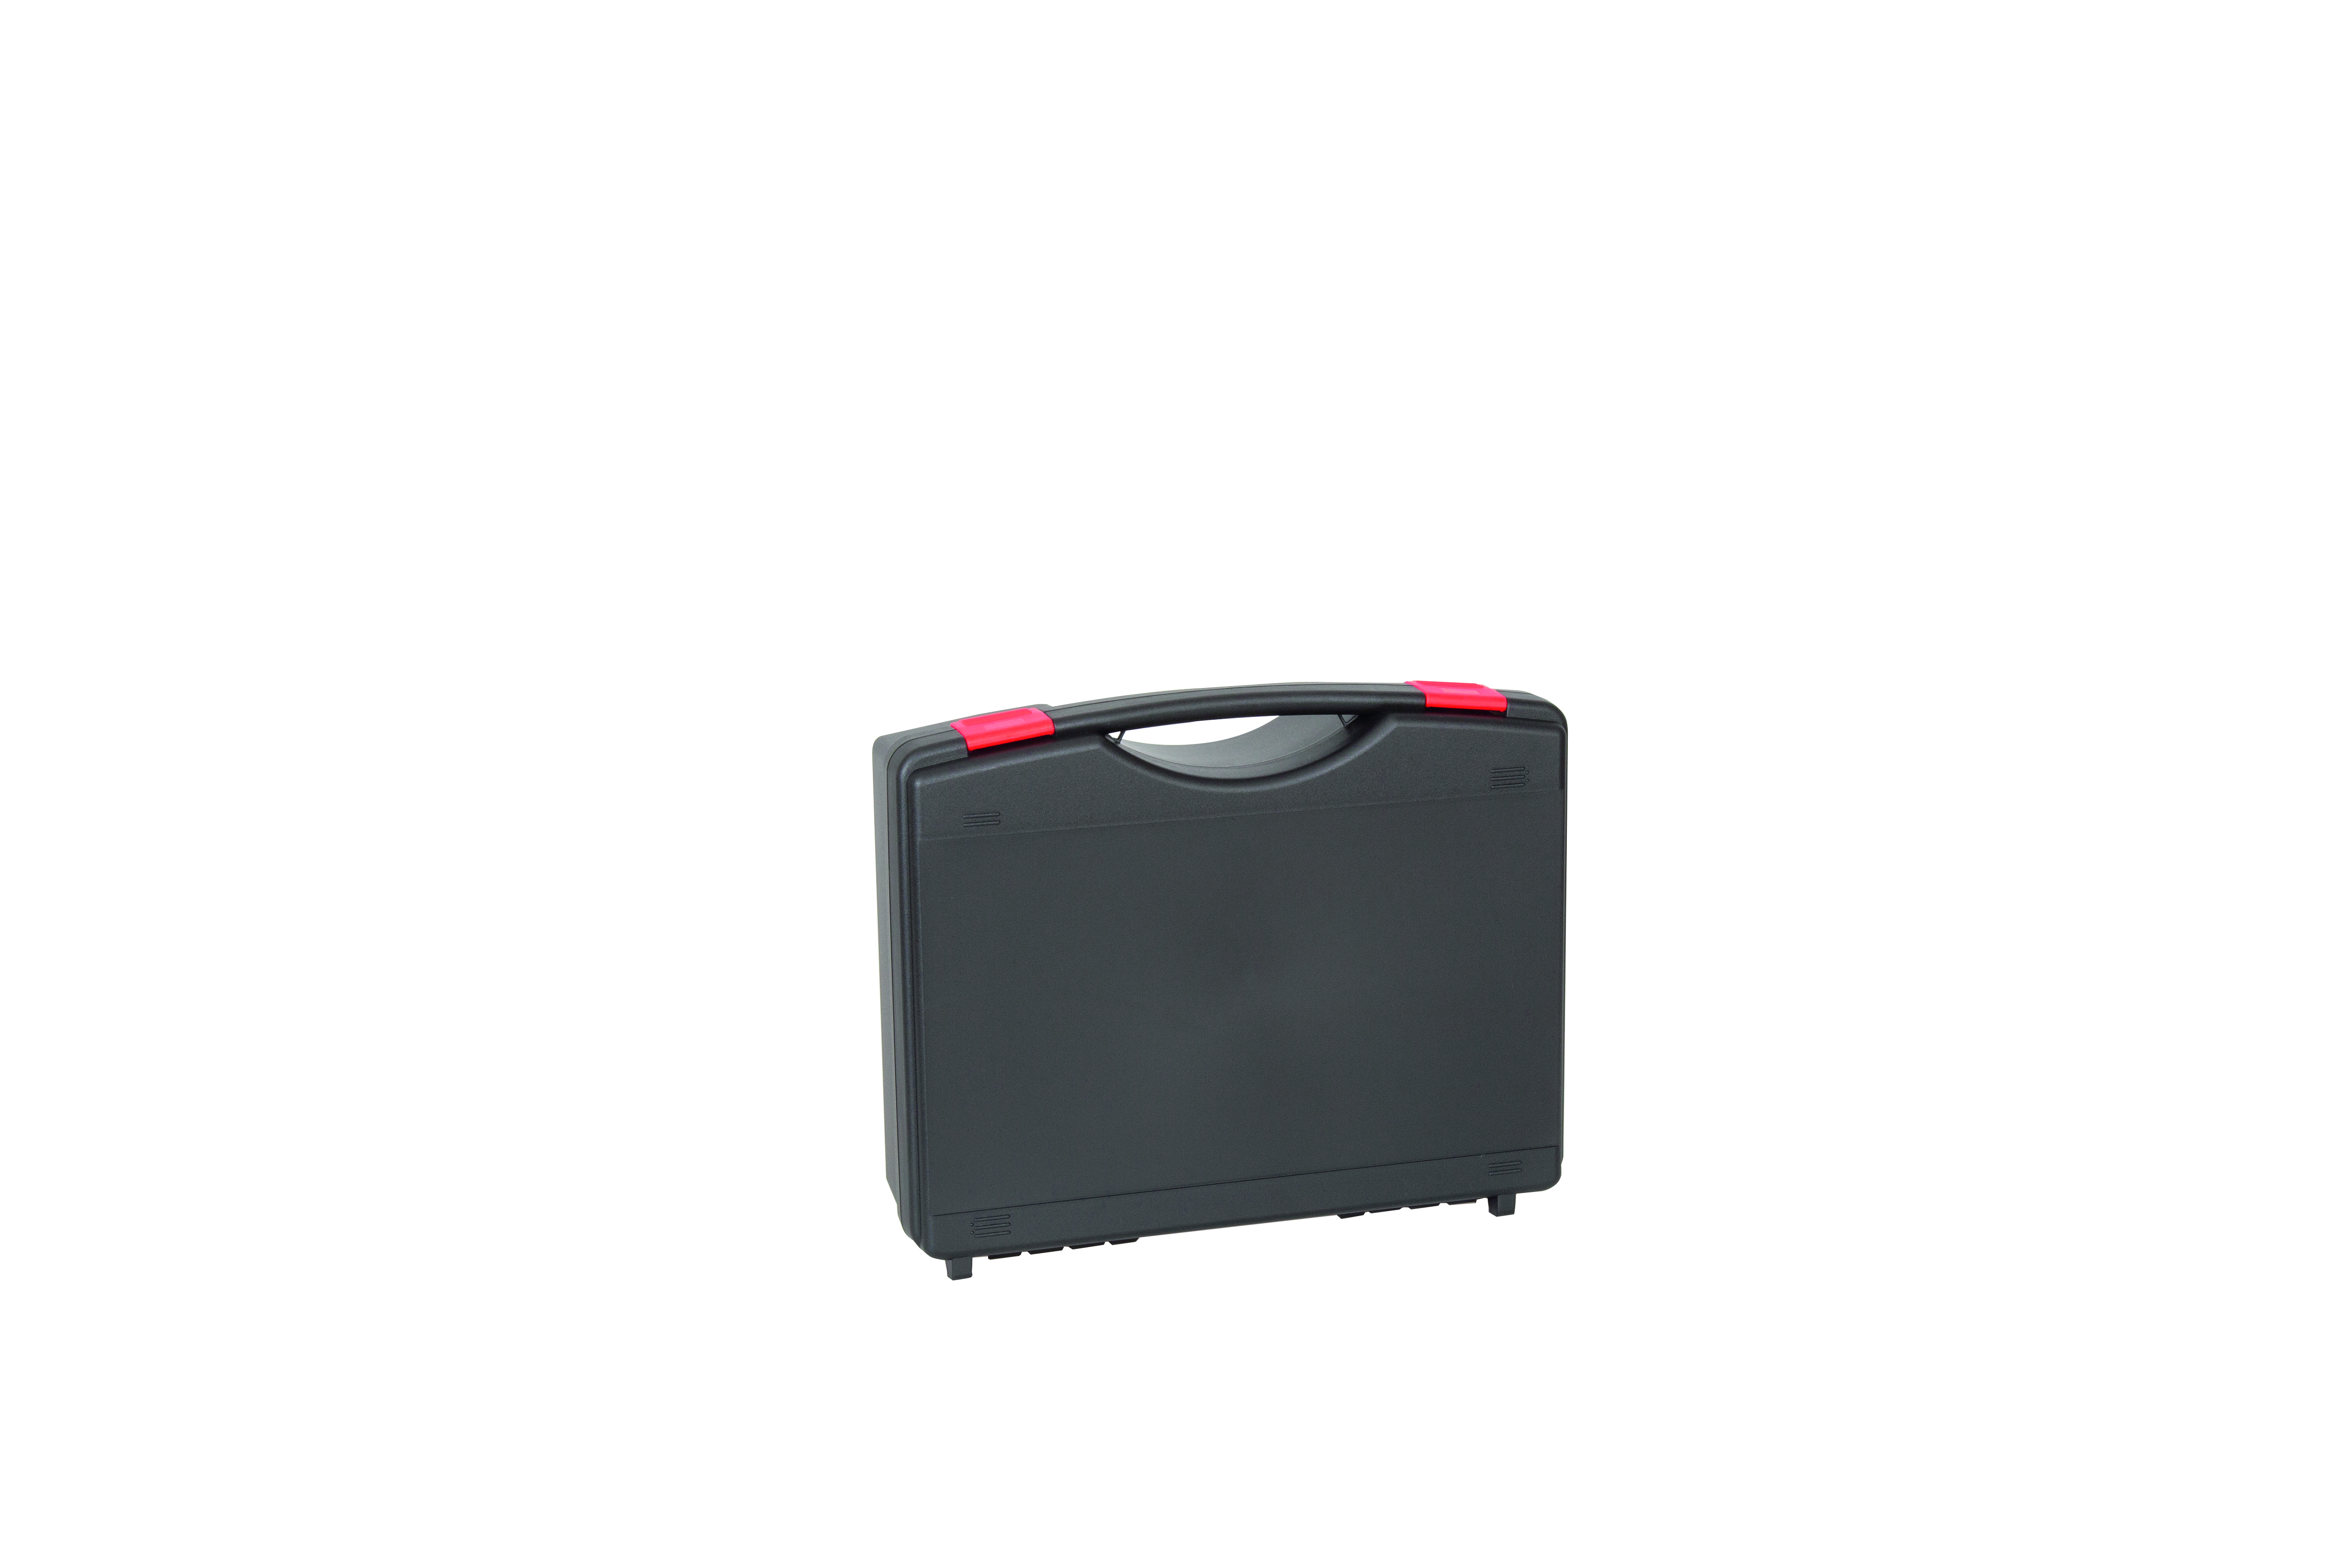 WAG Koffer TEKNO 2008S schwarz/rot geschlossen